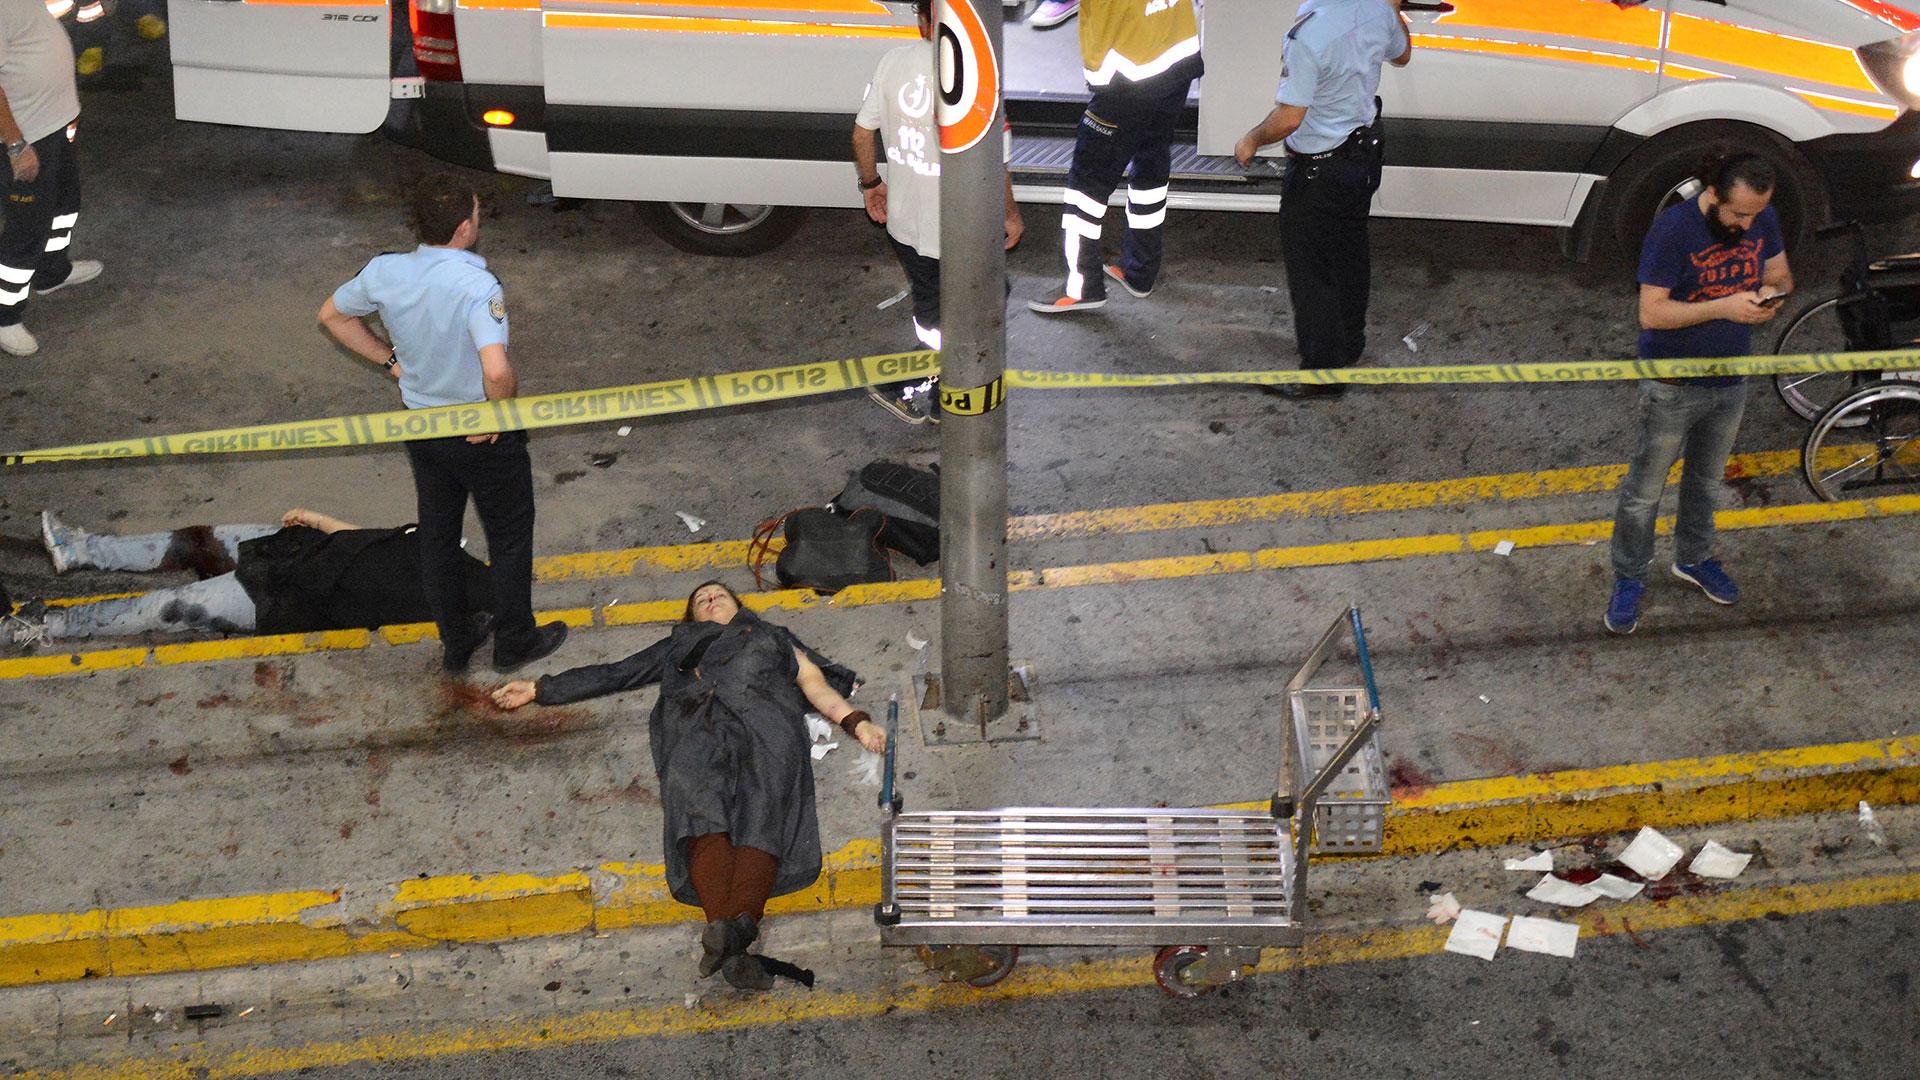 Un triple ataque suicida sacudió el martes Atatûrk, el principal aeropuerto de Turquía, y dejó 45 víctimas fatales (Reuters)